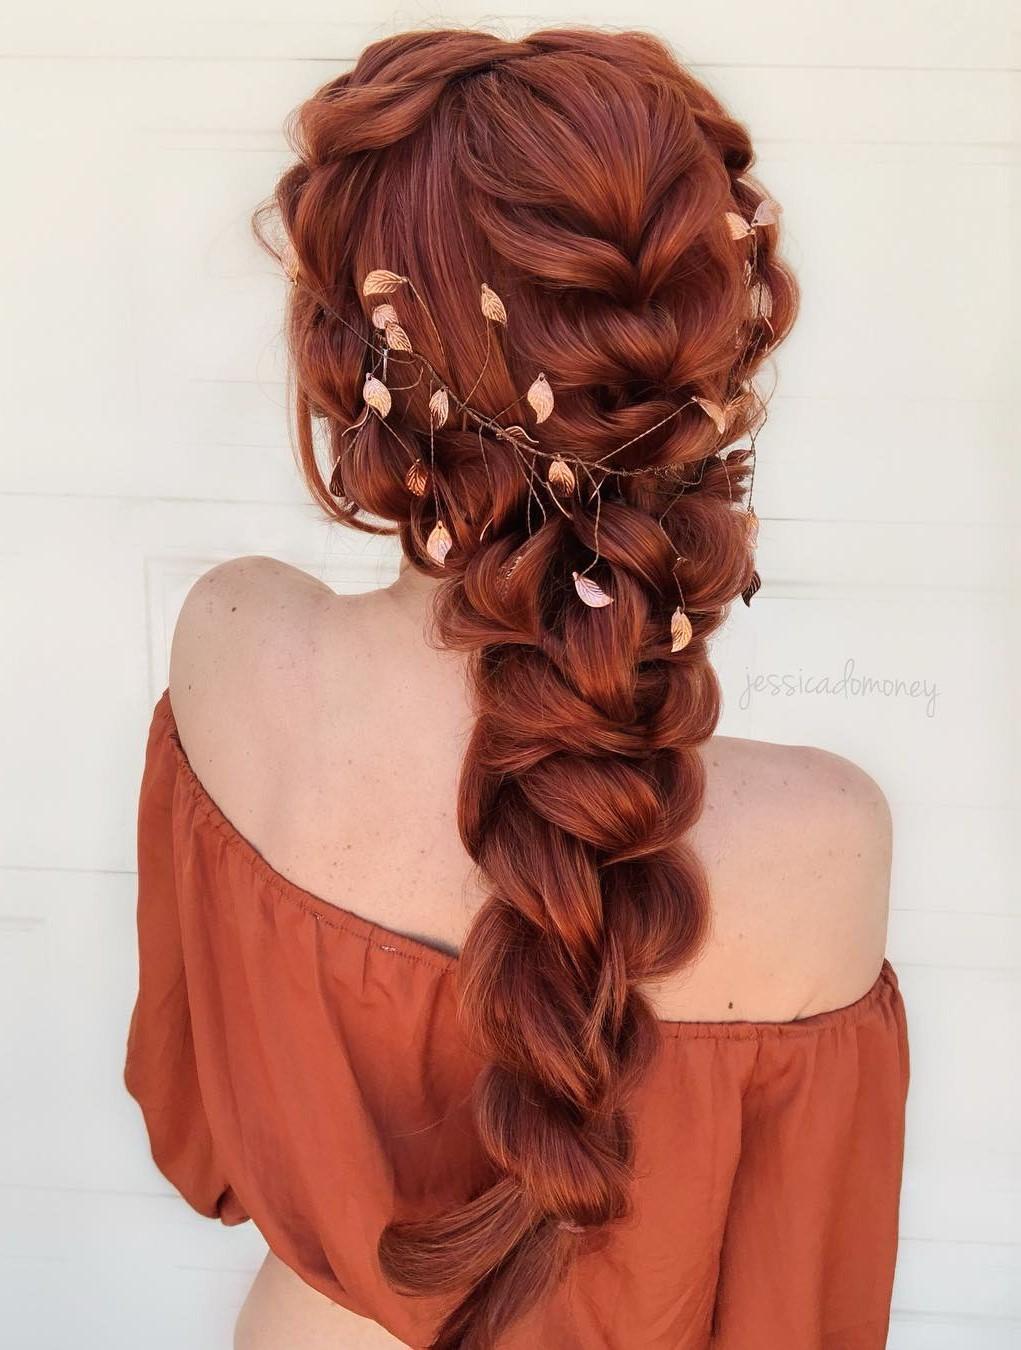 Long Braided Auburn Hair